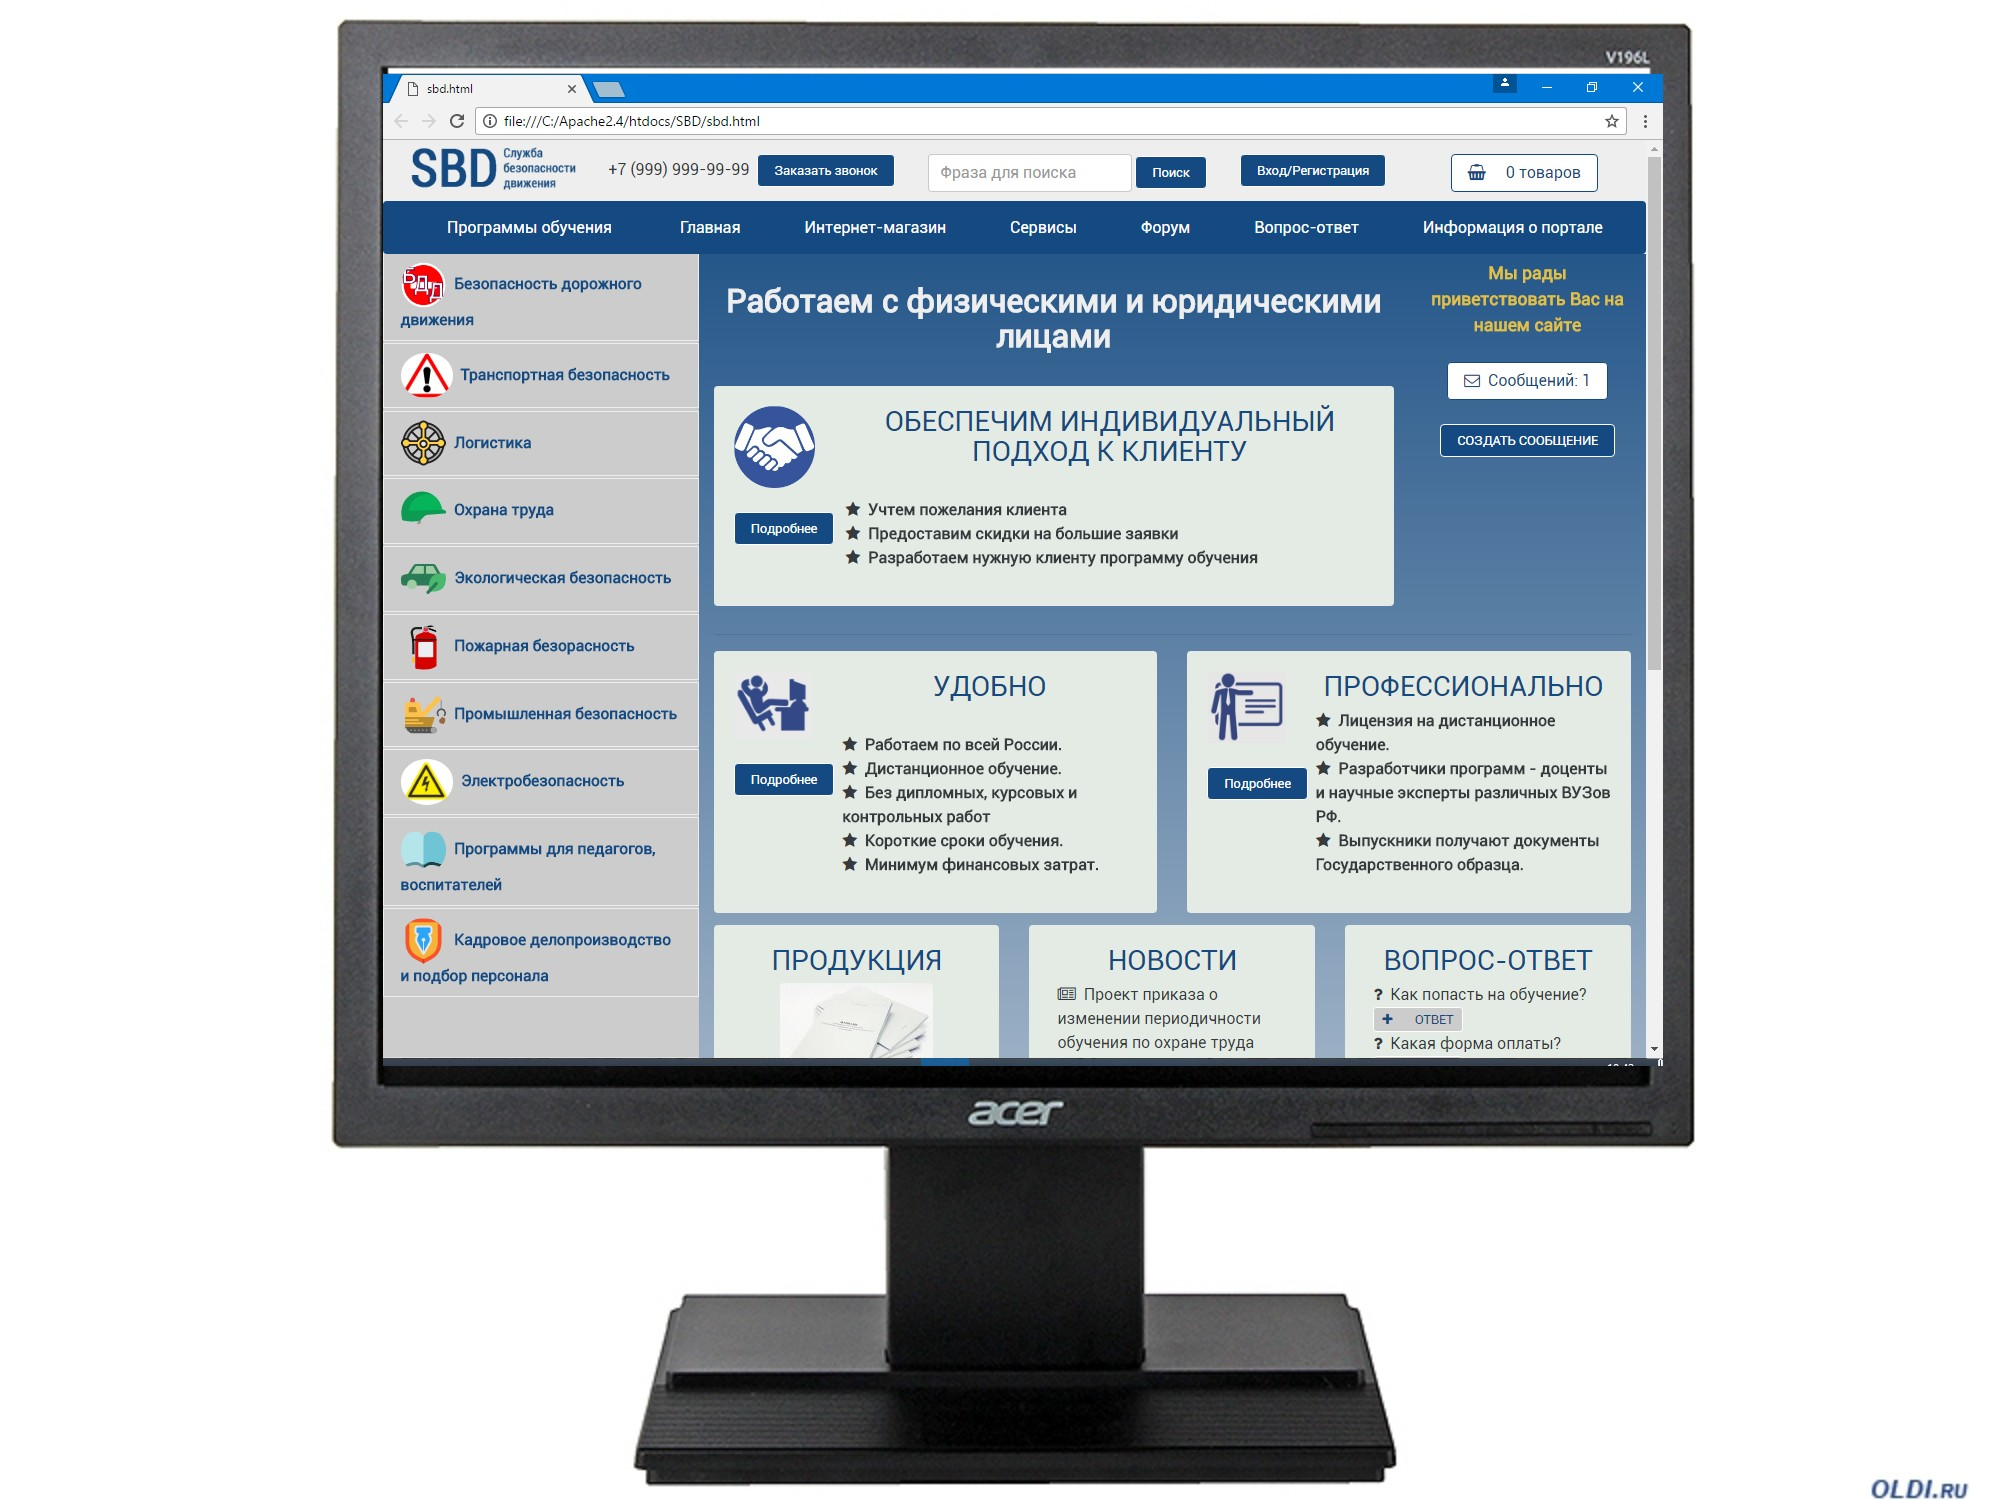 Требуется дизайн сайта занимающегося дистанционным обучением фото f_862588a28e2aac56.jpg